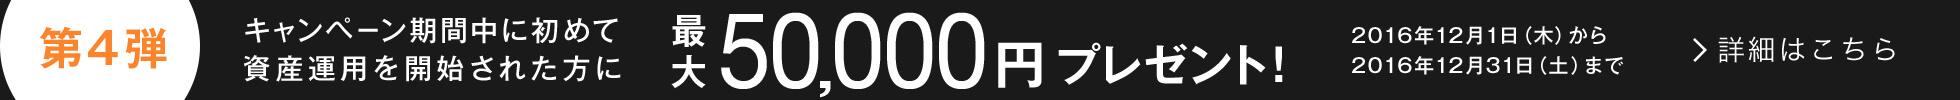 キャンペーン第4弾:キャンペーン期間中に初めて資産運用を開始された方に最大50,000円プレゼント!2016年12月1日(木)から2016年12月31日(土)まで